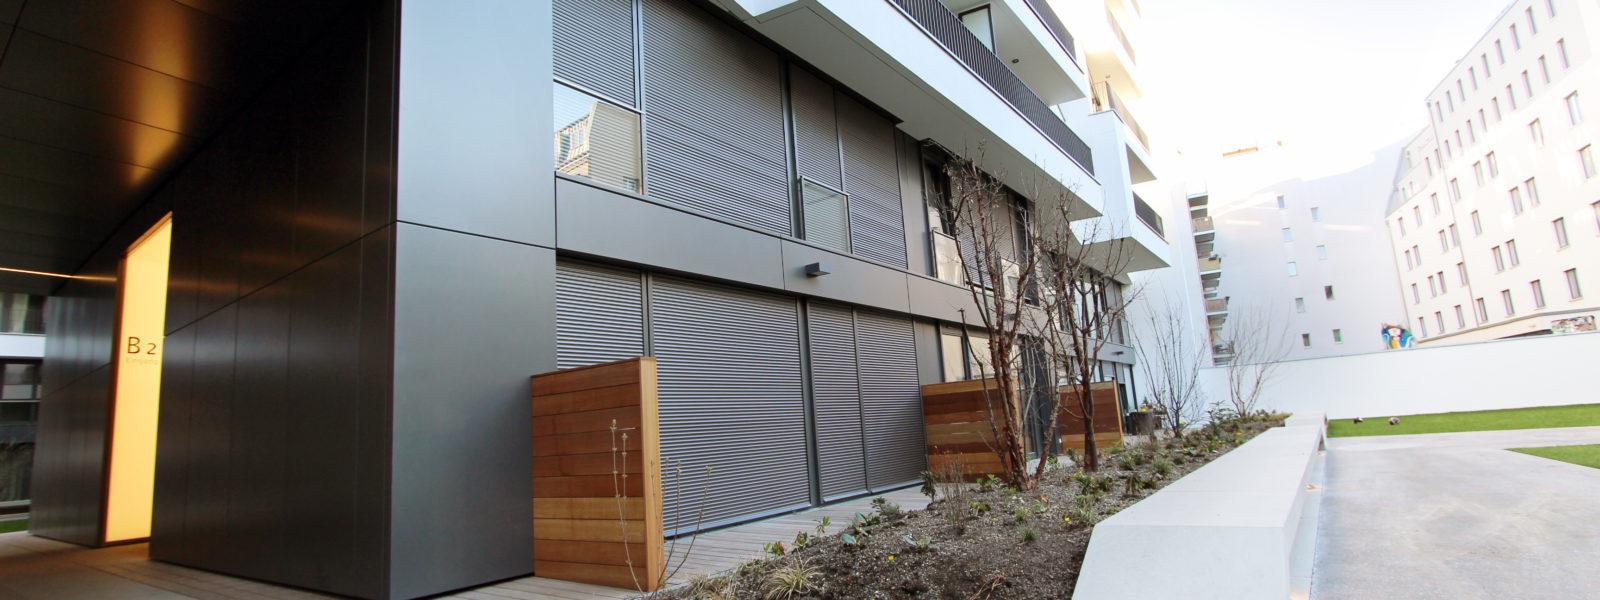 Moderne 3-Zimmer-Wohnung im Herzen Berlins – bezugsfrei